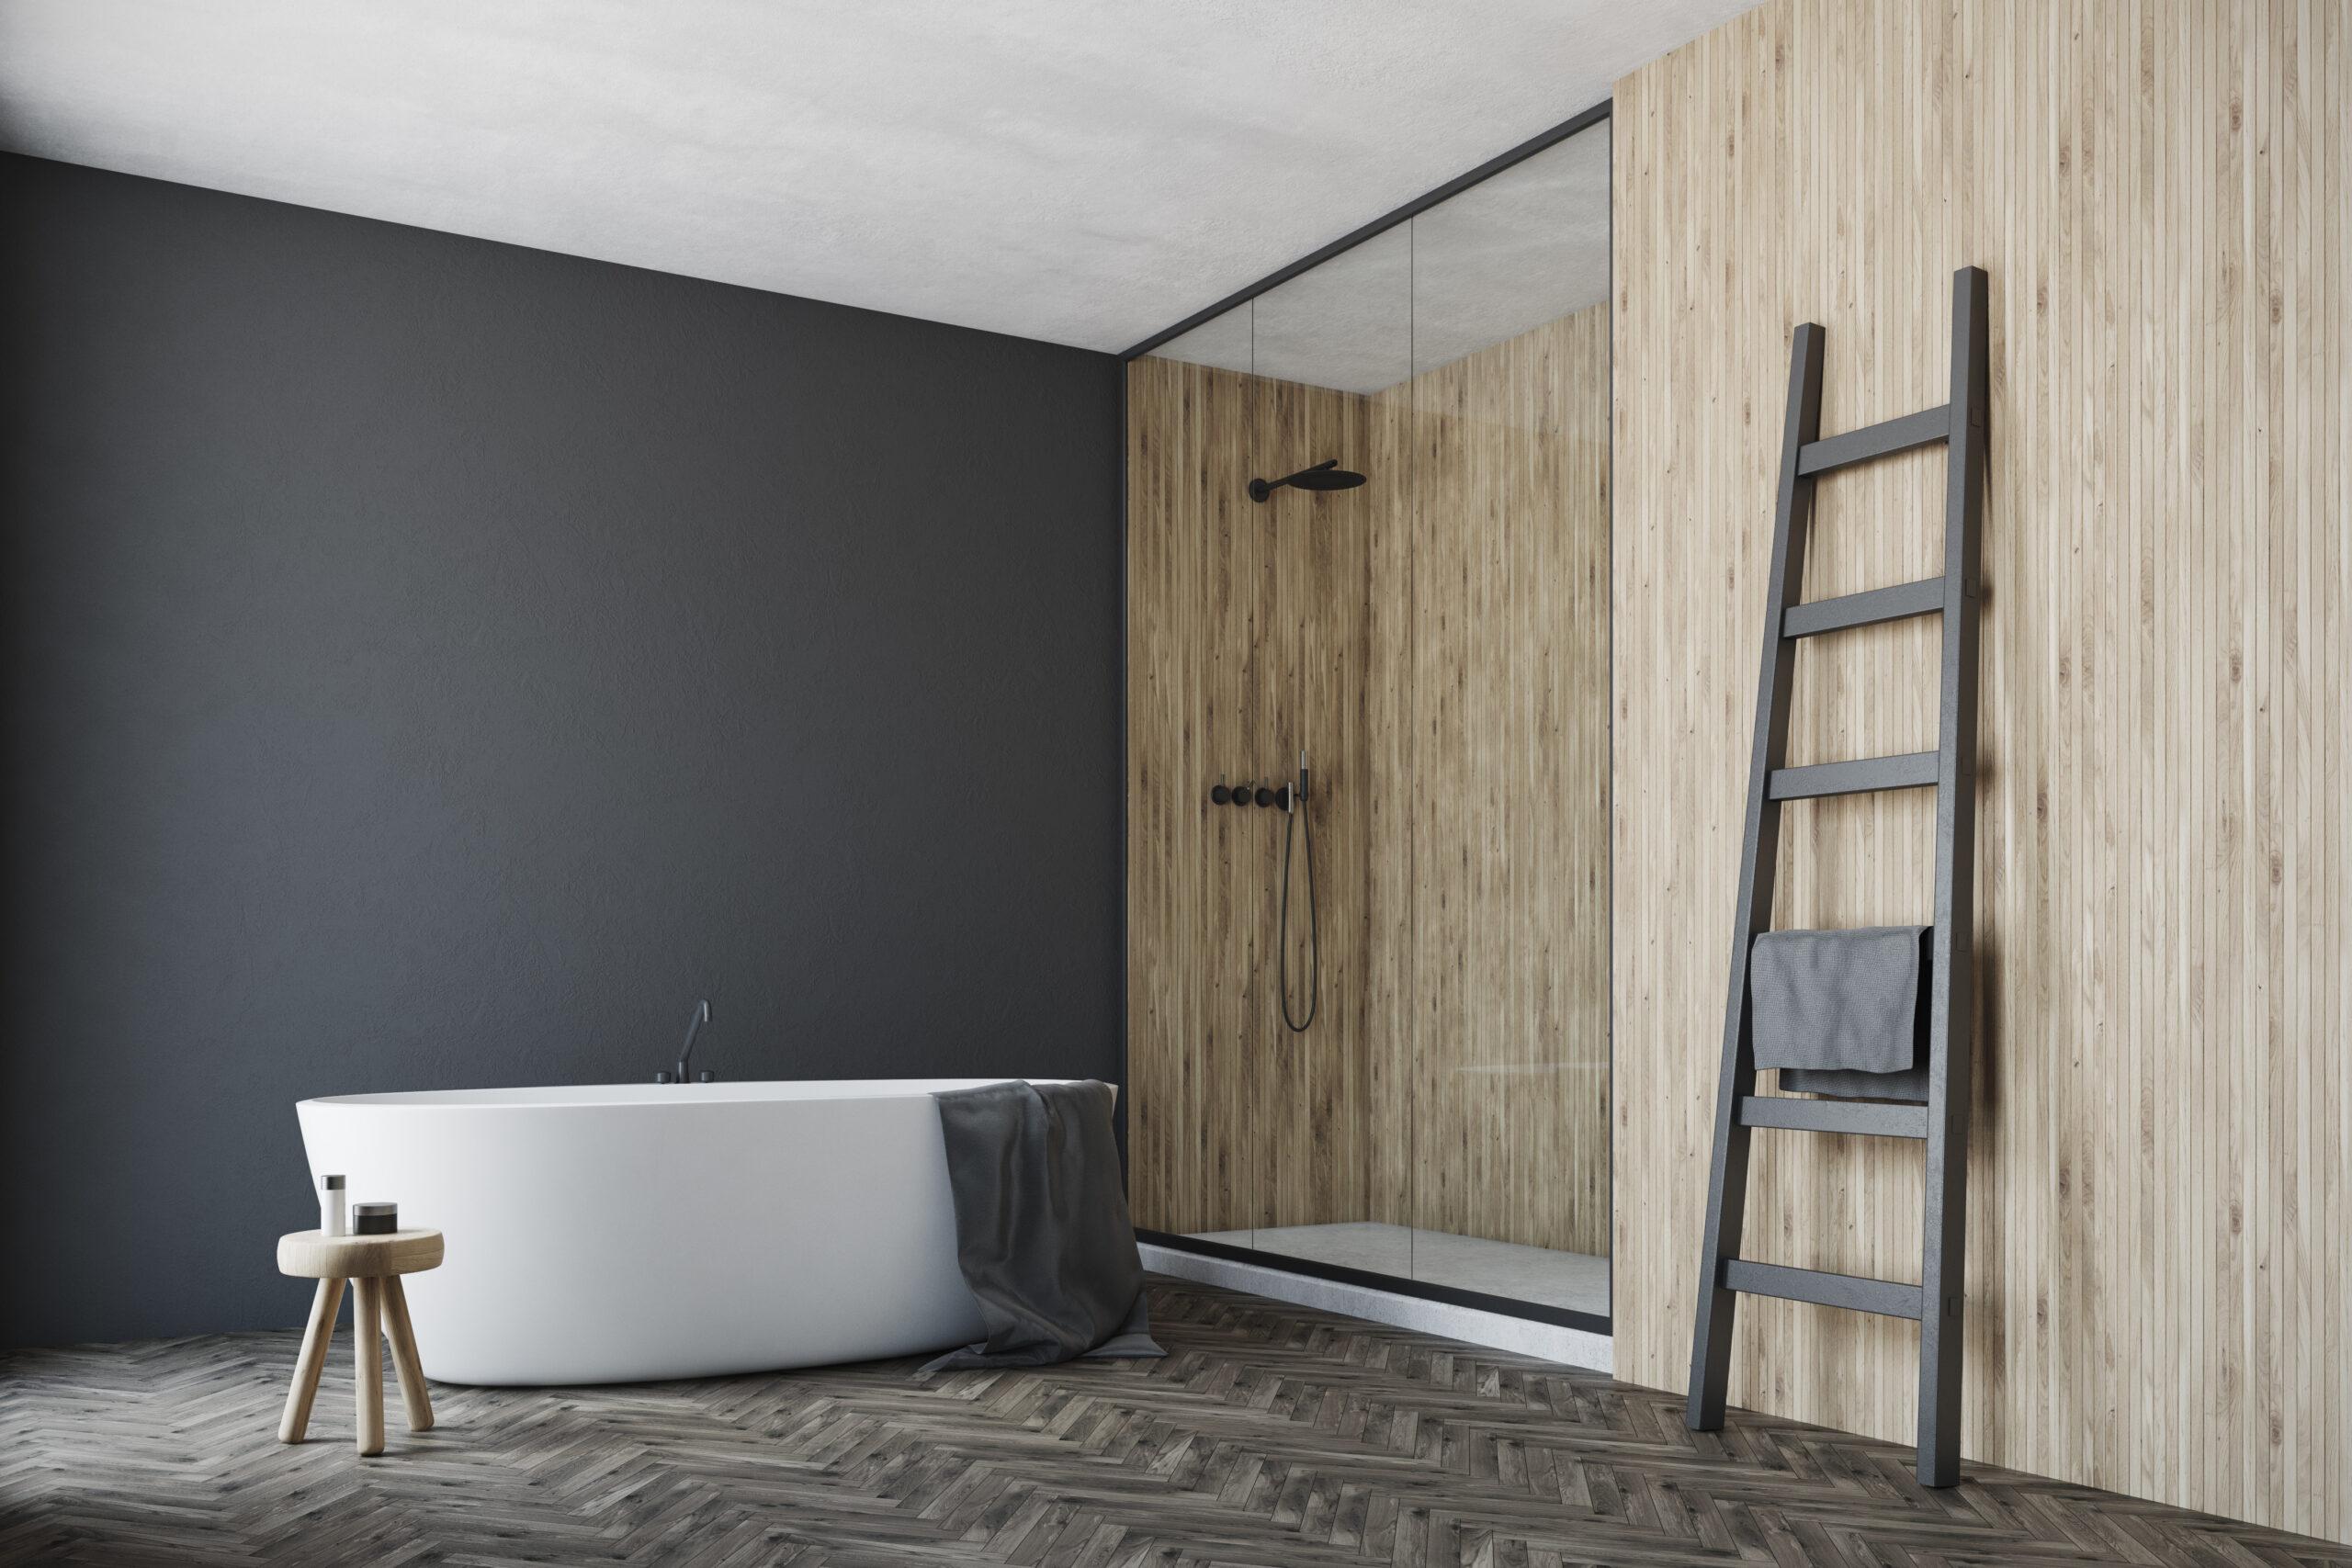 Łazienka w stylu skandynawskim z PORTA drzwi